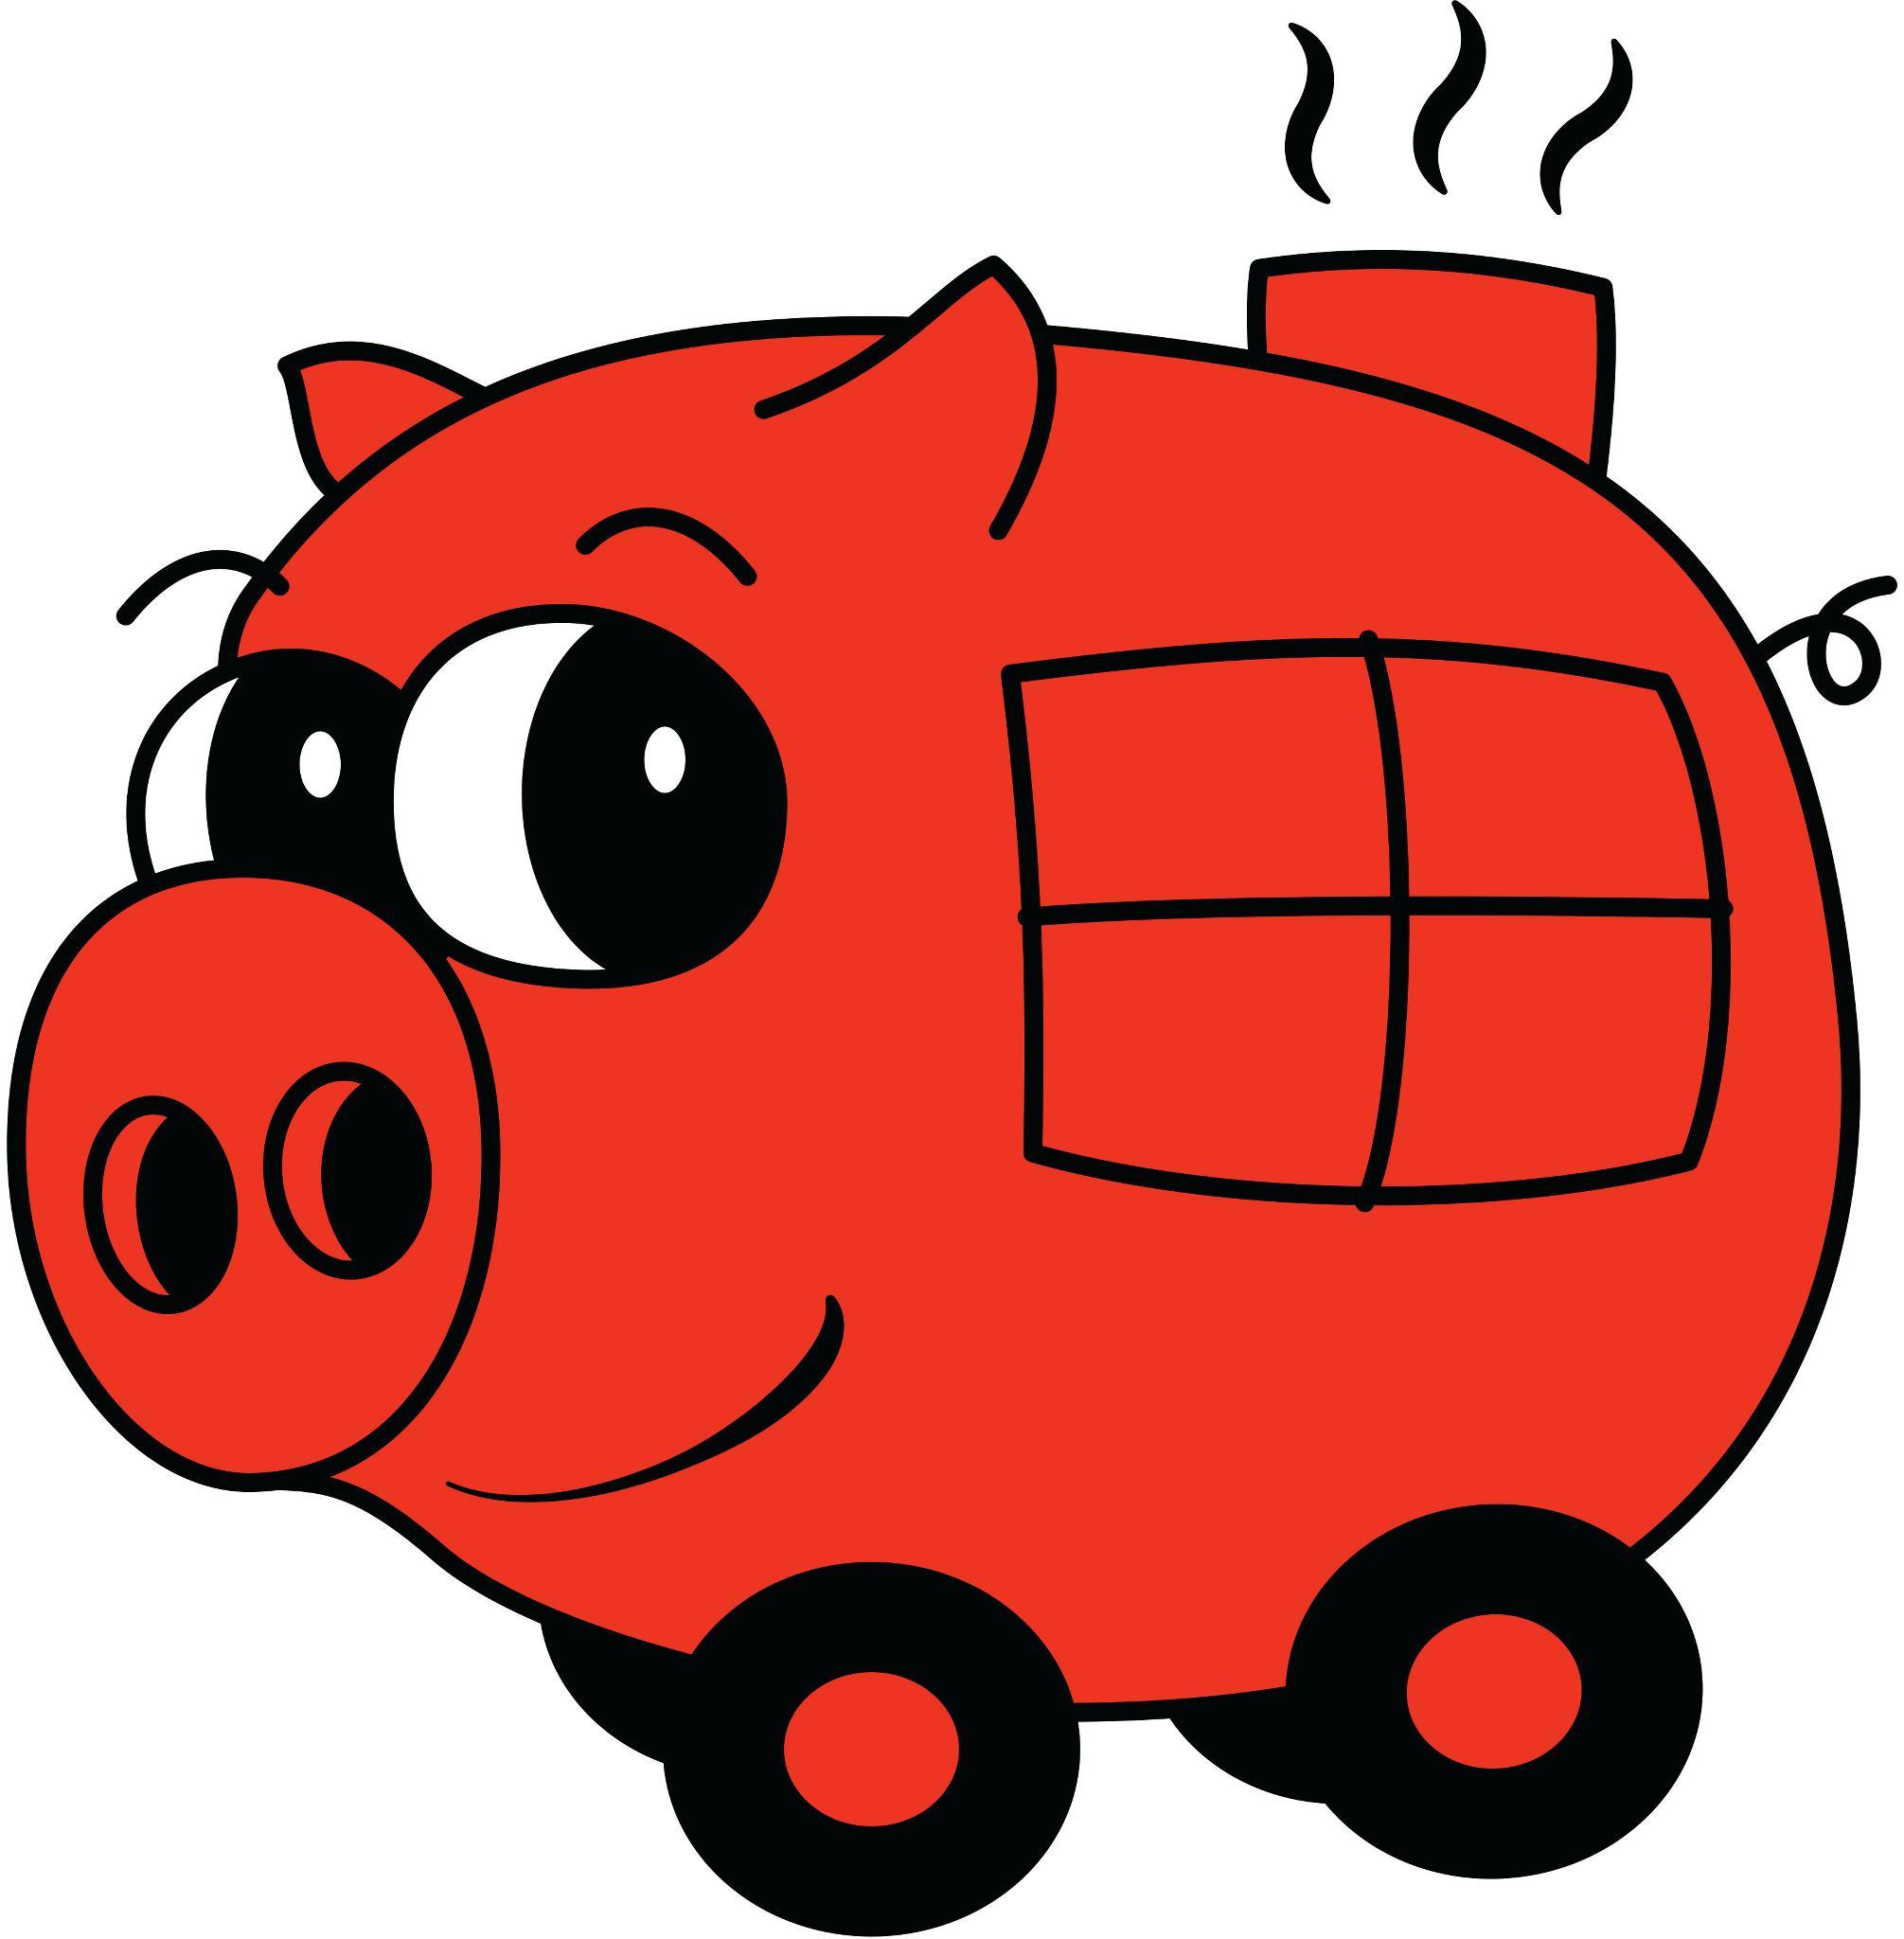 Phat Cart logo